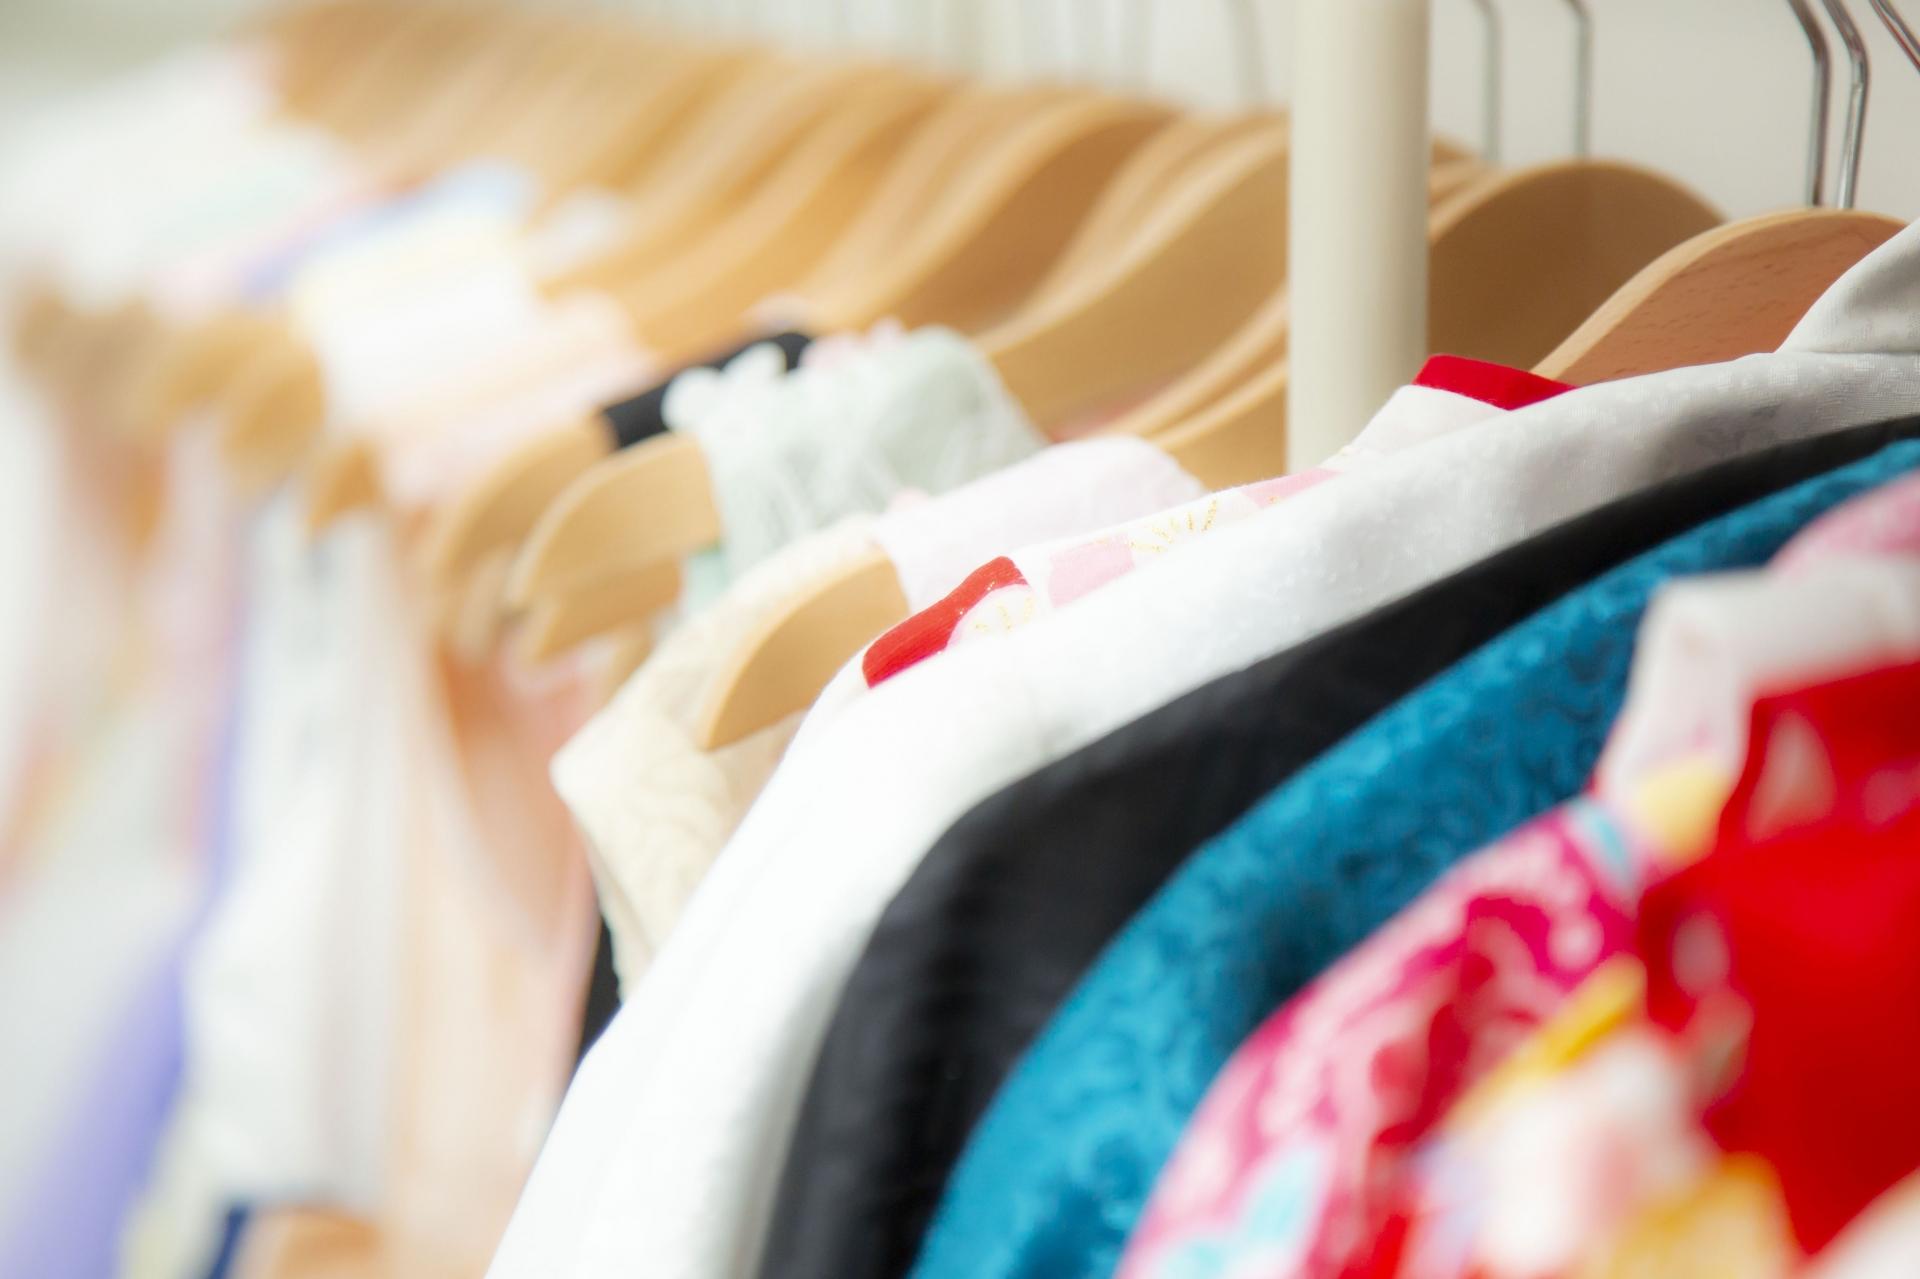 花粉が付着しにくい素材の服を着る